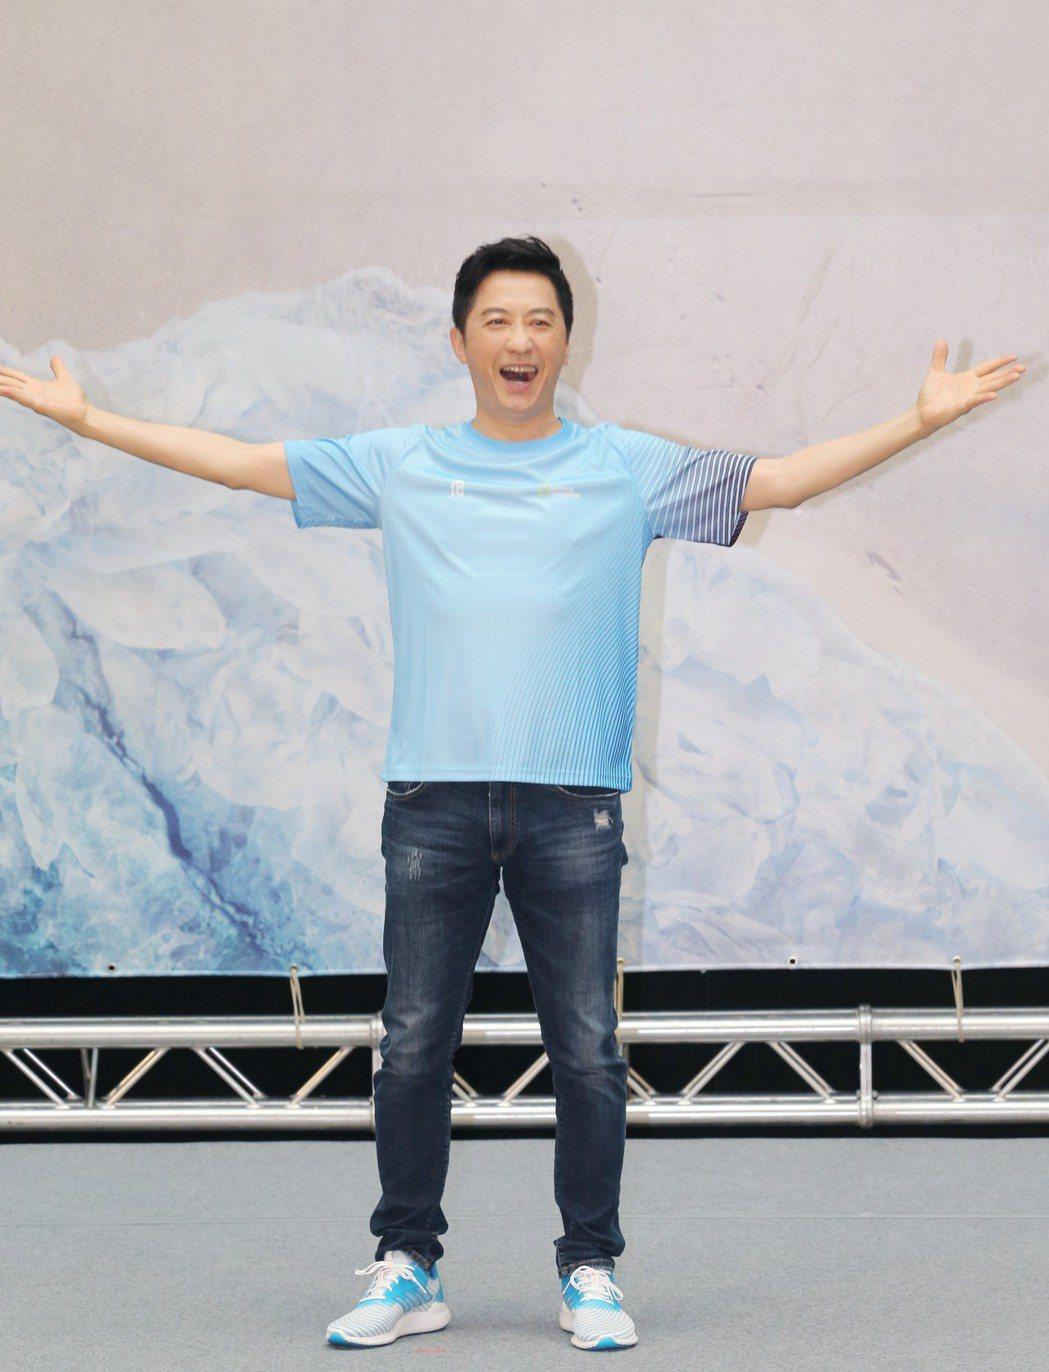 哈林庾澄慶出席國家地理「世界地球日」路跑起跑記者會,一出場便用他招牌「搖滾」手勢...